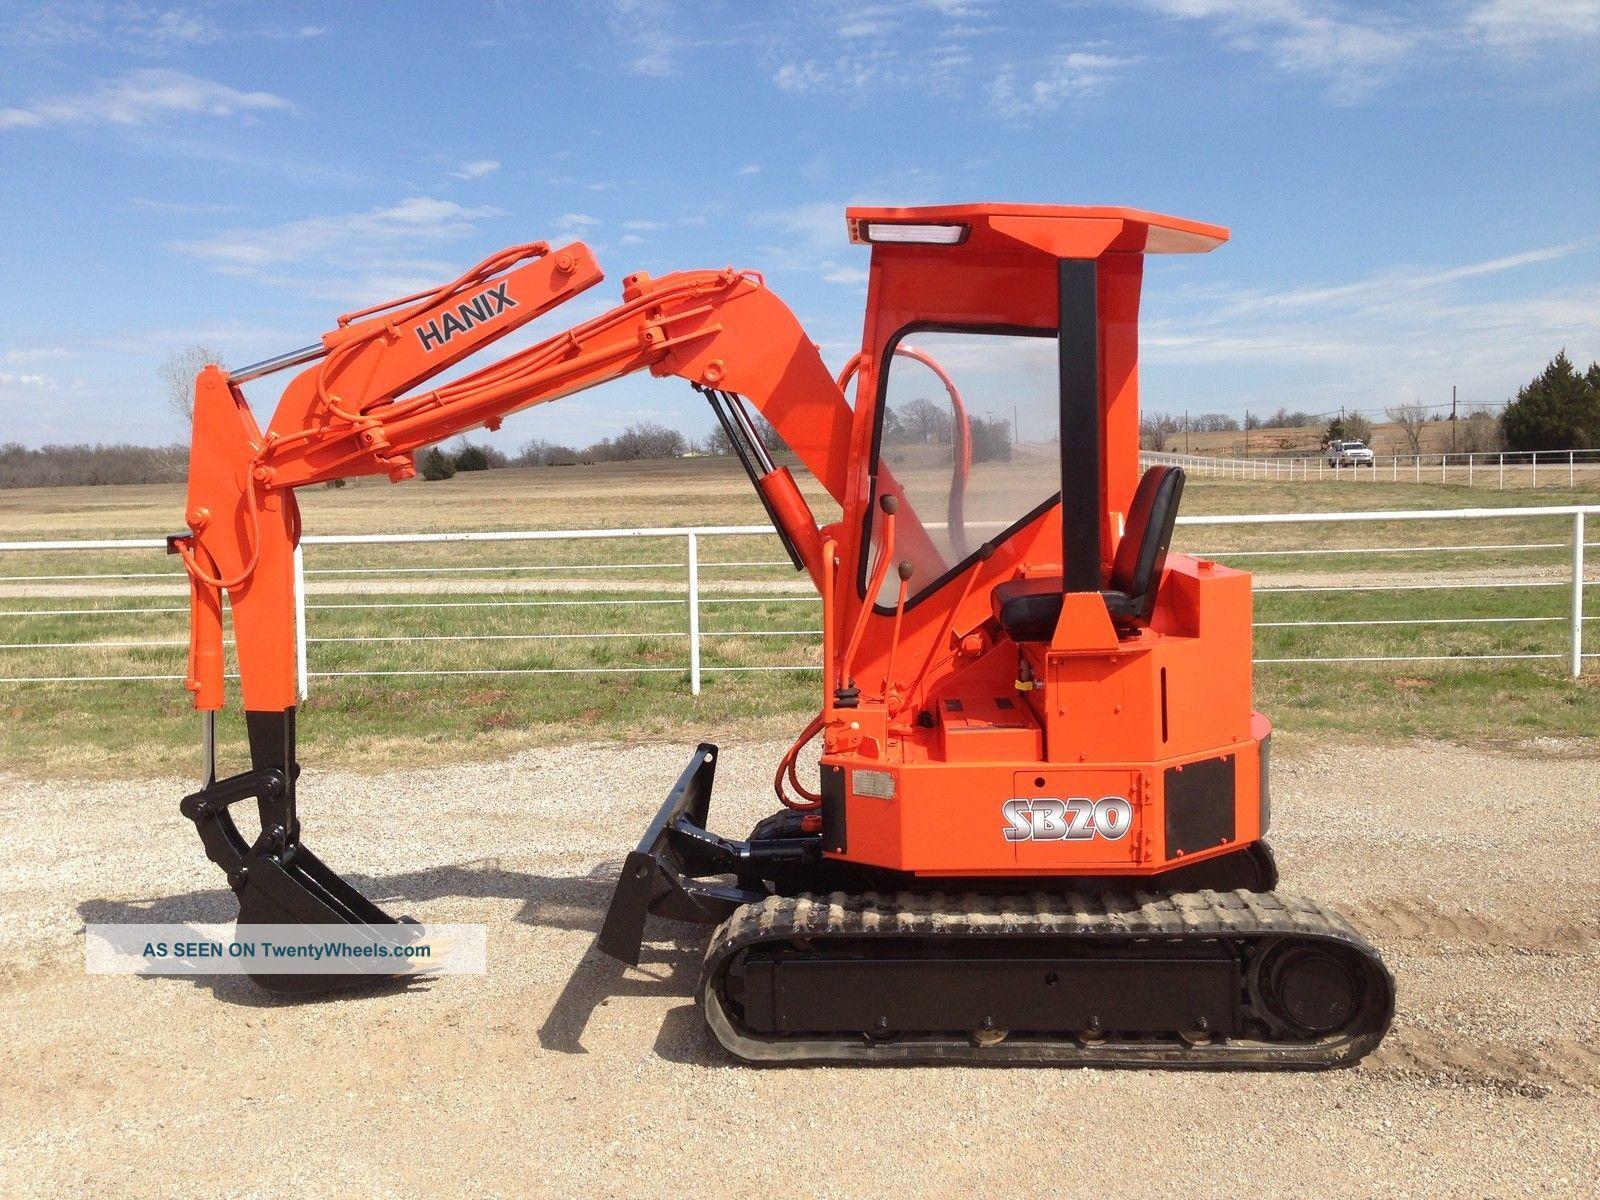 Hanix S&b20 Excavator Trackhoe Backhoe Dozer Yanmar Diesel Excavators photo